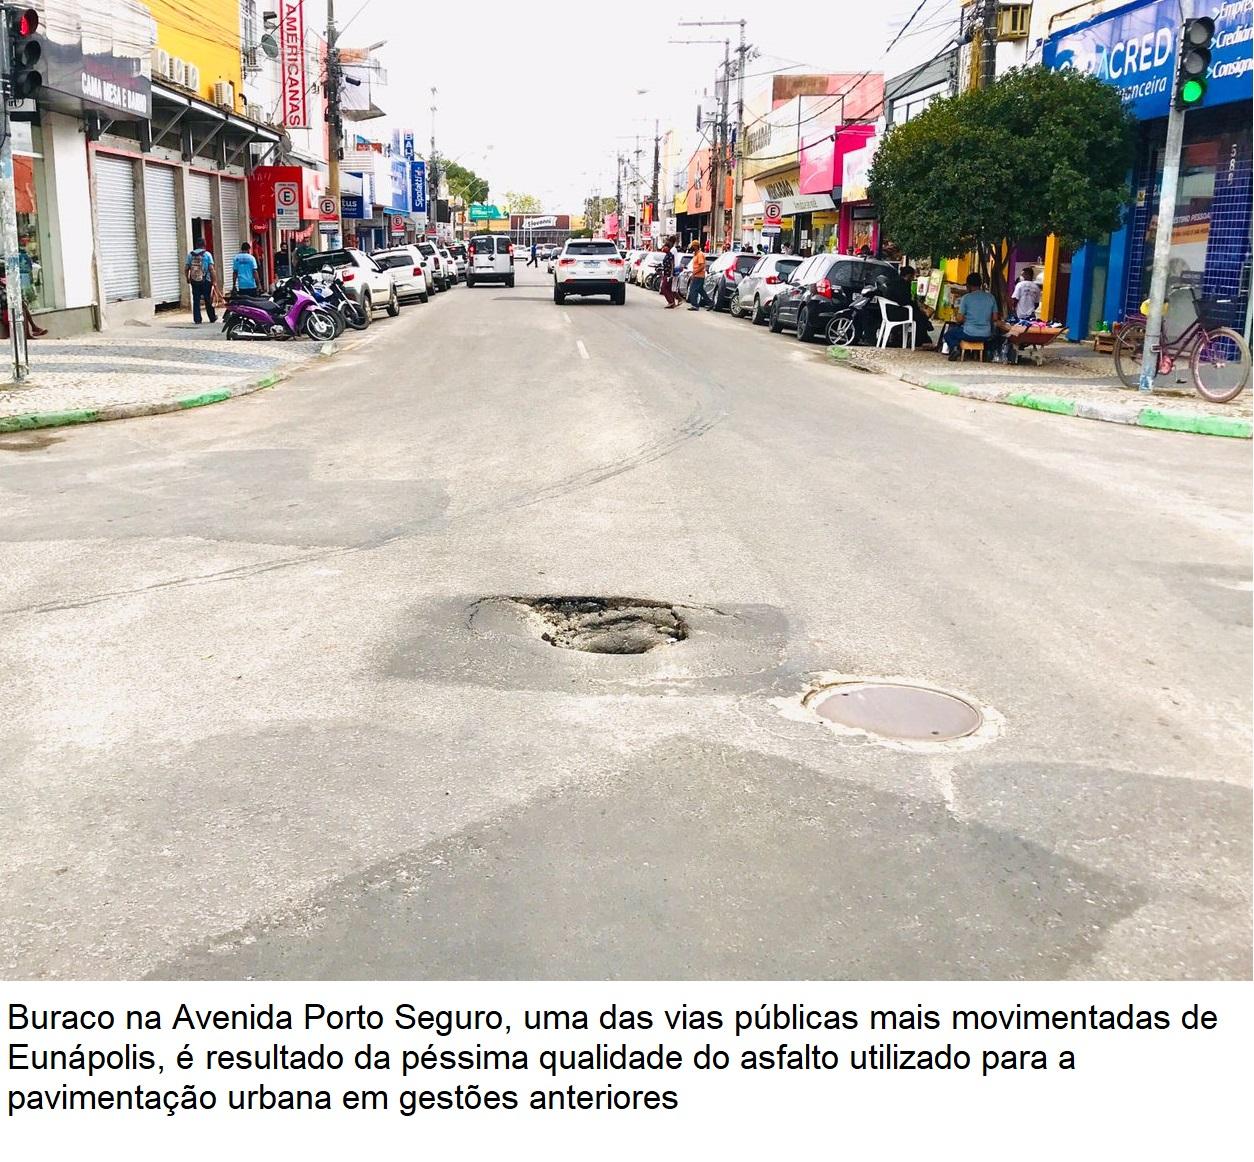 Situação de degradação das ruas de Eunápolis é resultado da péssima qualidade do asfalto e desvio de dinheiro público 30